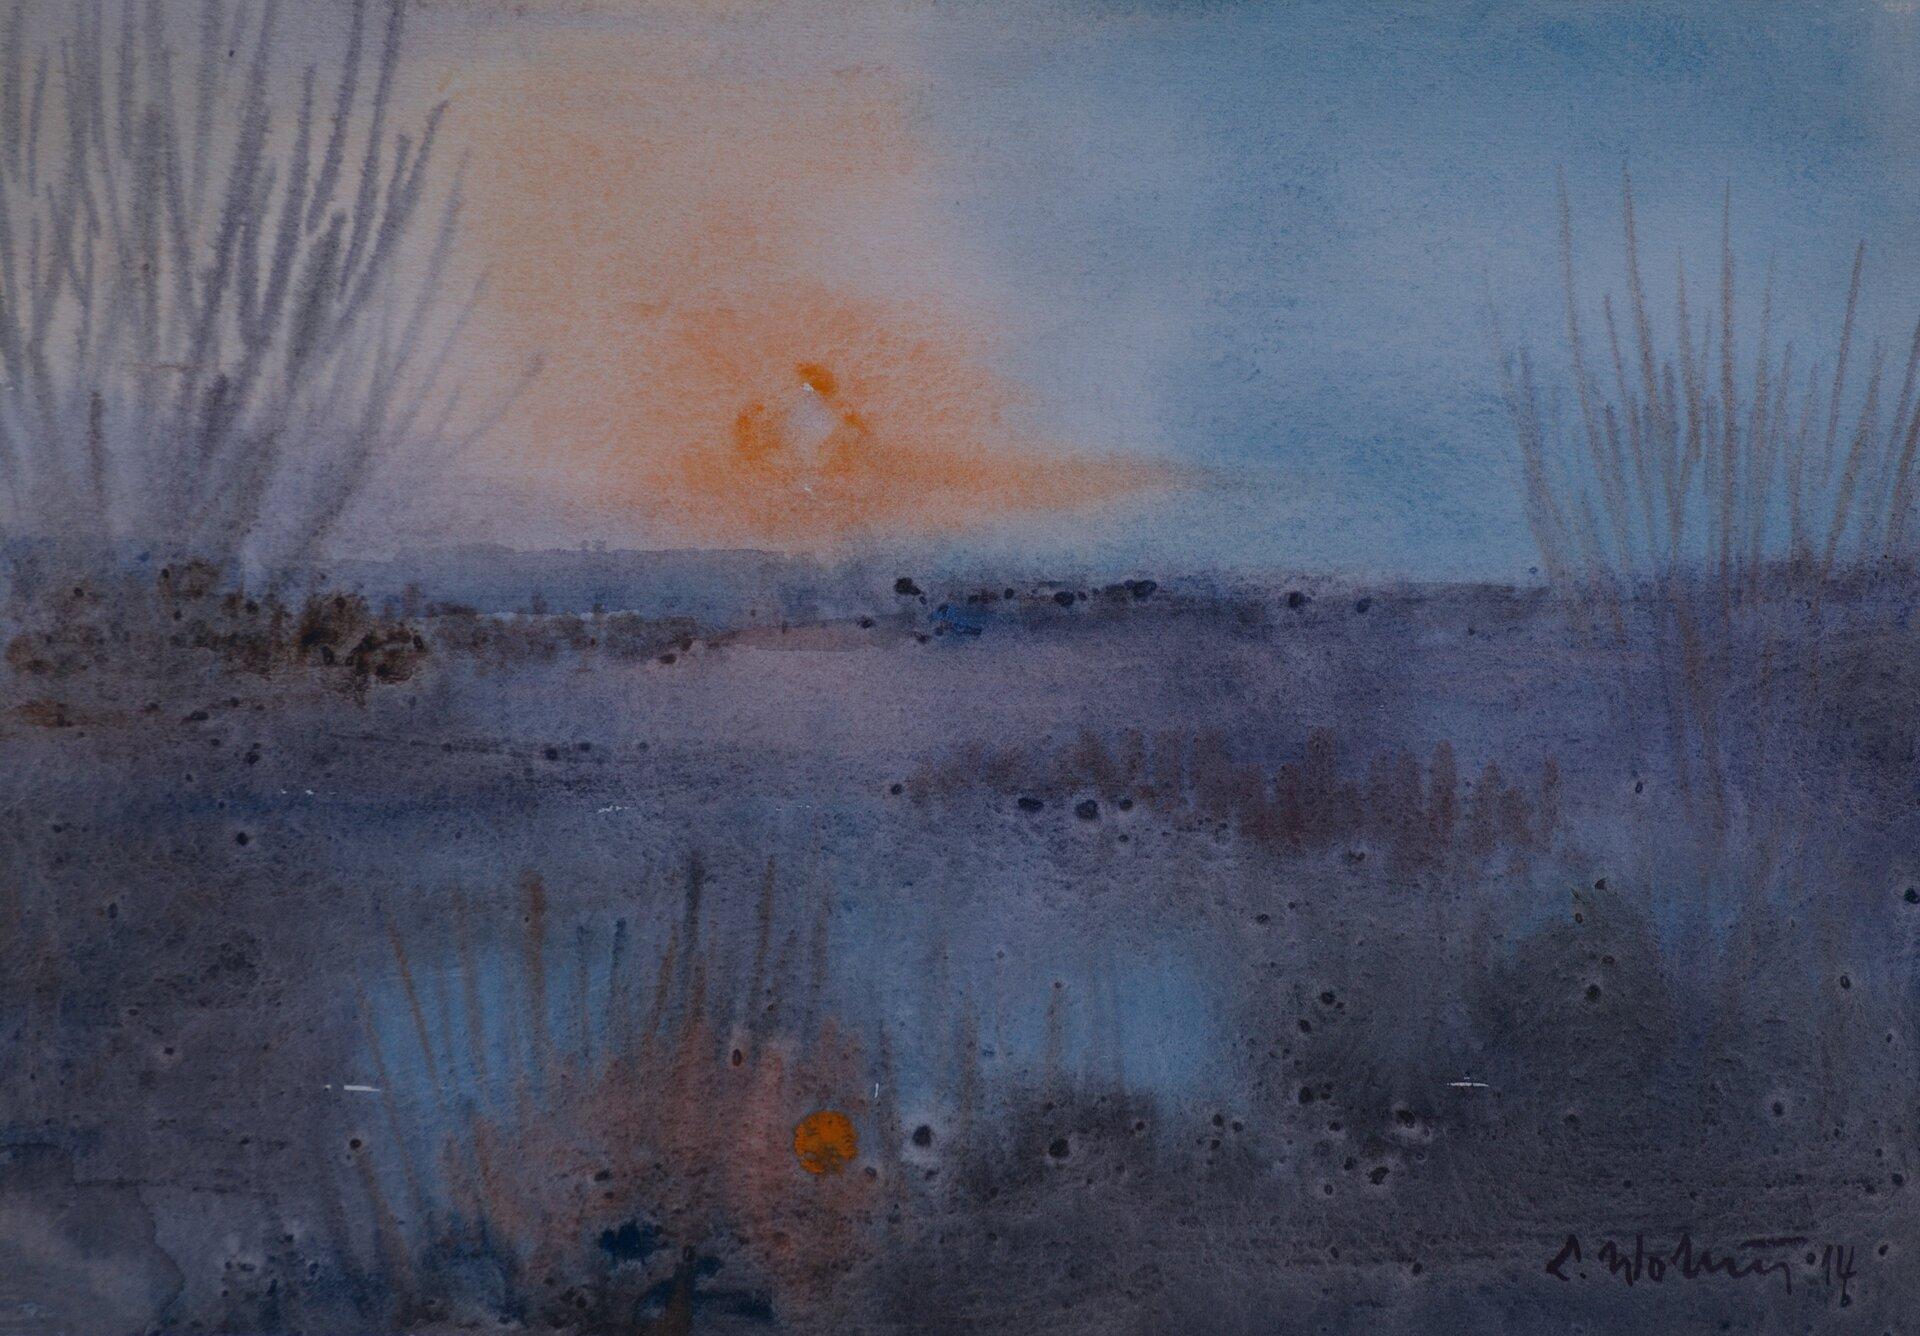 """Ilustracja przedstawia obraz """"Pejzaż"""" autorstwa Lecha Wolskiego. Akwarela ukazuje krajobraz zdelikatnie zaznaczonymi krzewami itrawami oraz zachodzącym nad horyzontem słońcem. Kompozycja utrzymany jest wchłodnej niebiesko-szarej tonacji. Ciepły akcent stanowi tutaj jedynie rozmyty pomarańcz słońca."""